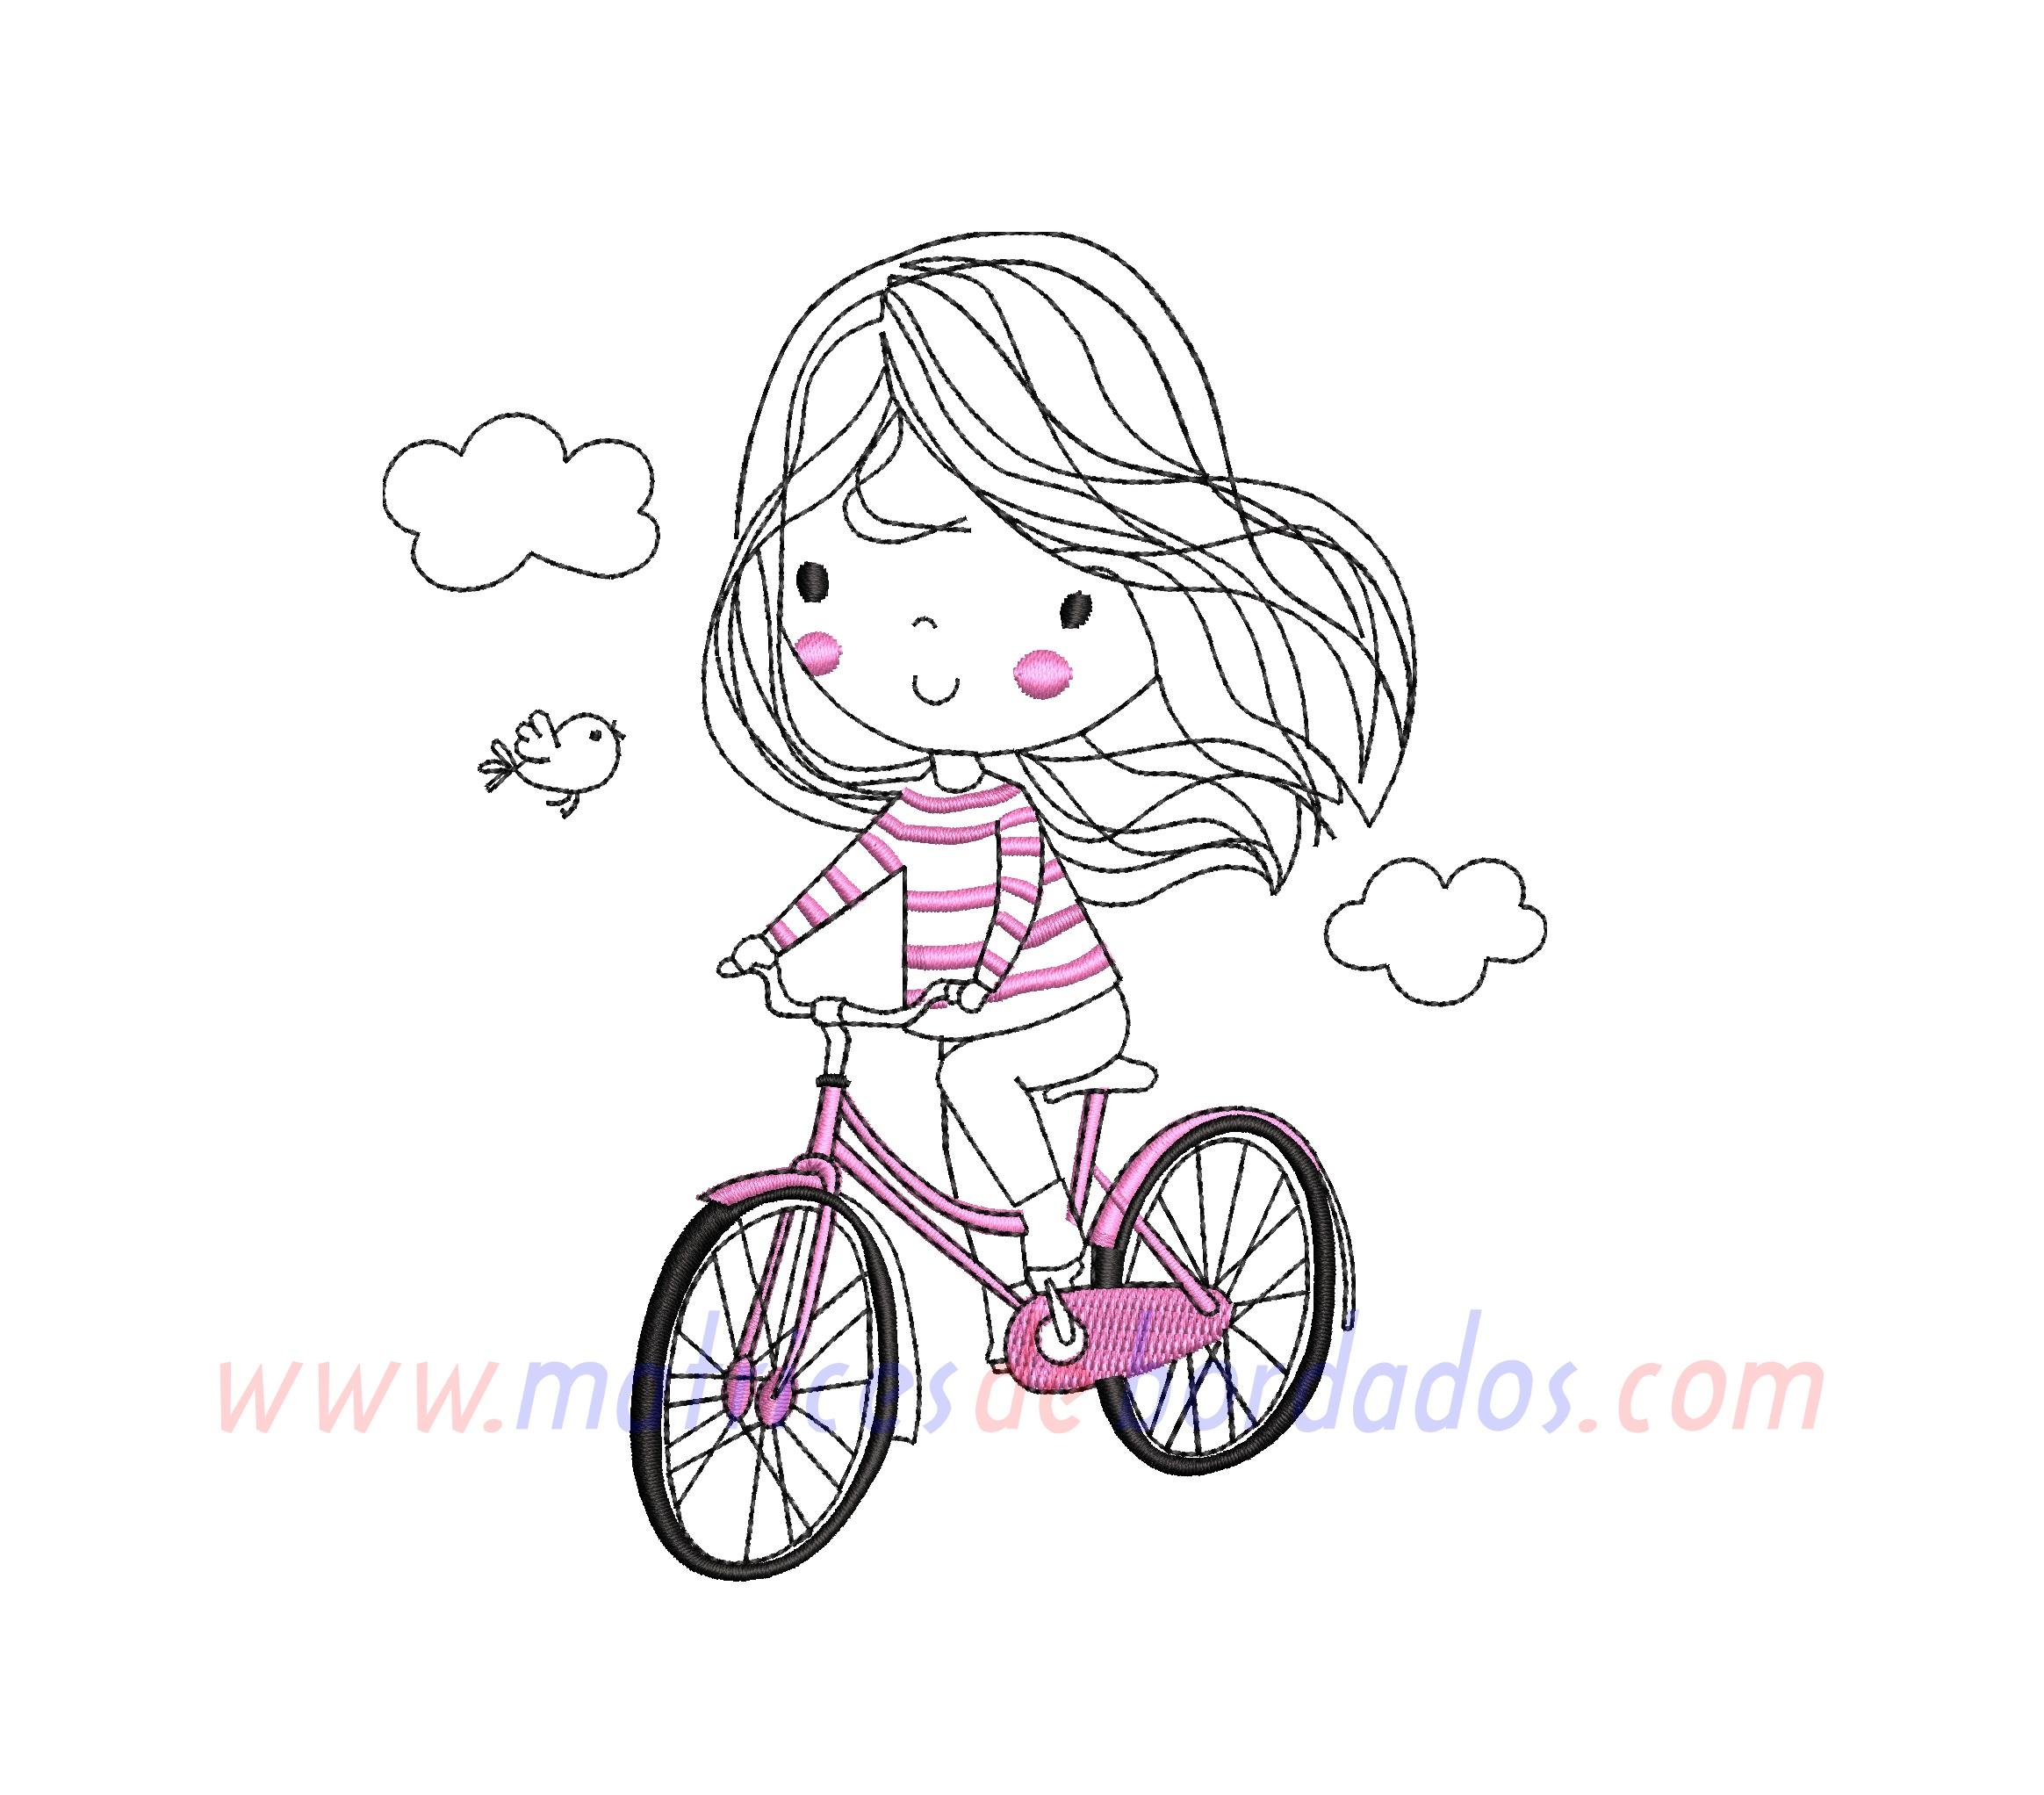 KL52RB - Martina en Bicicleta